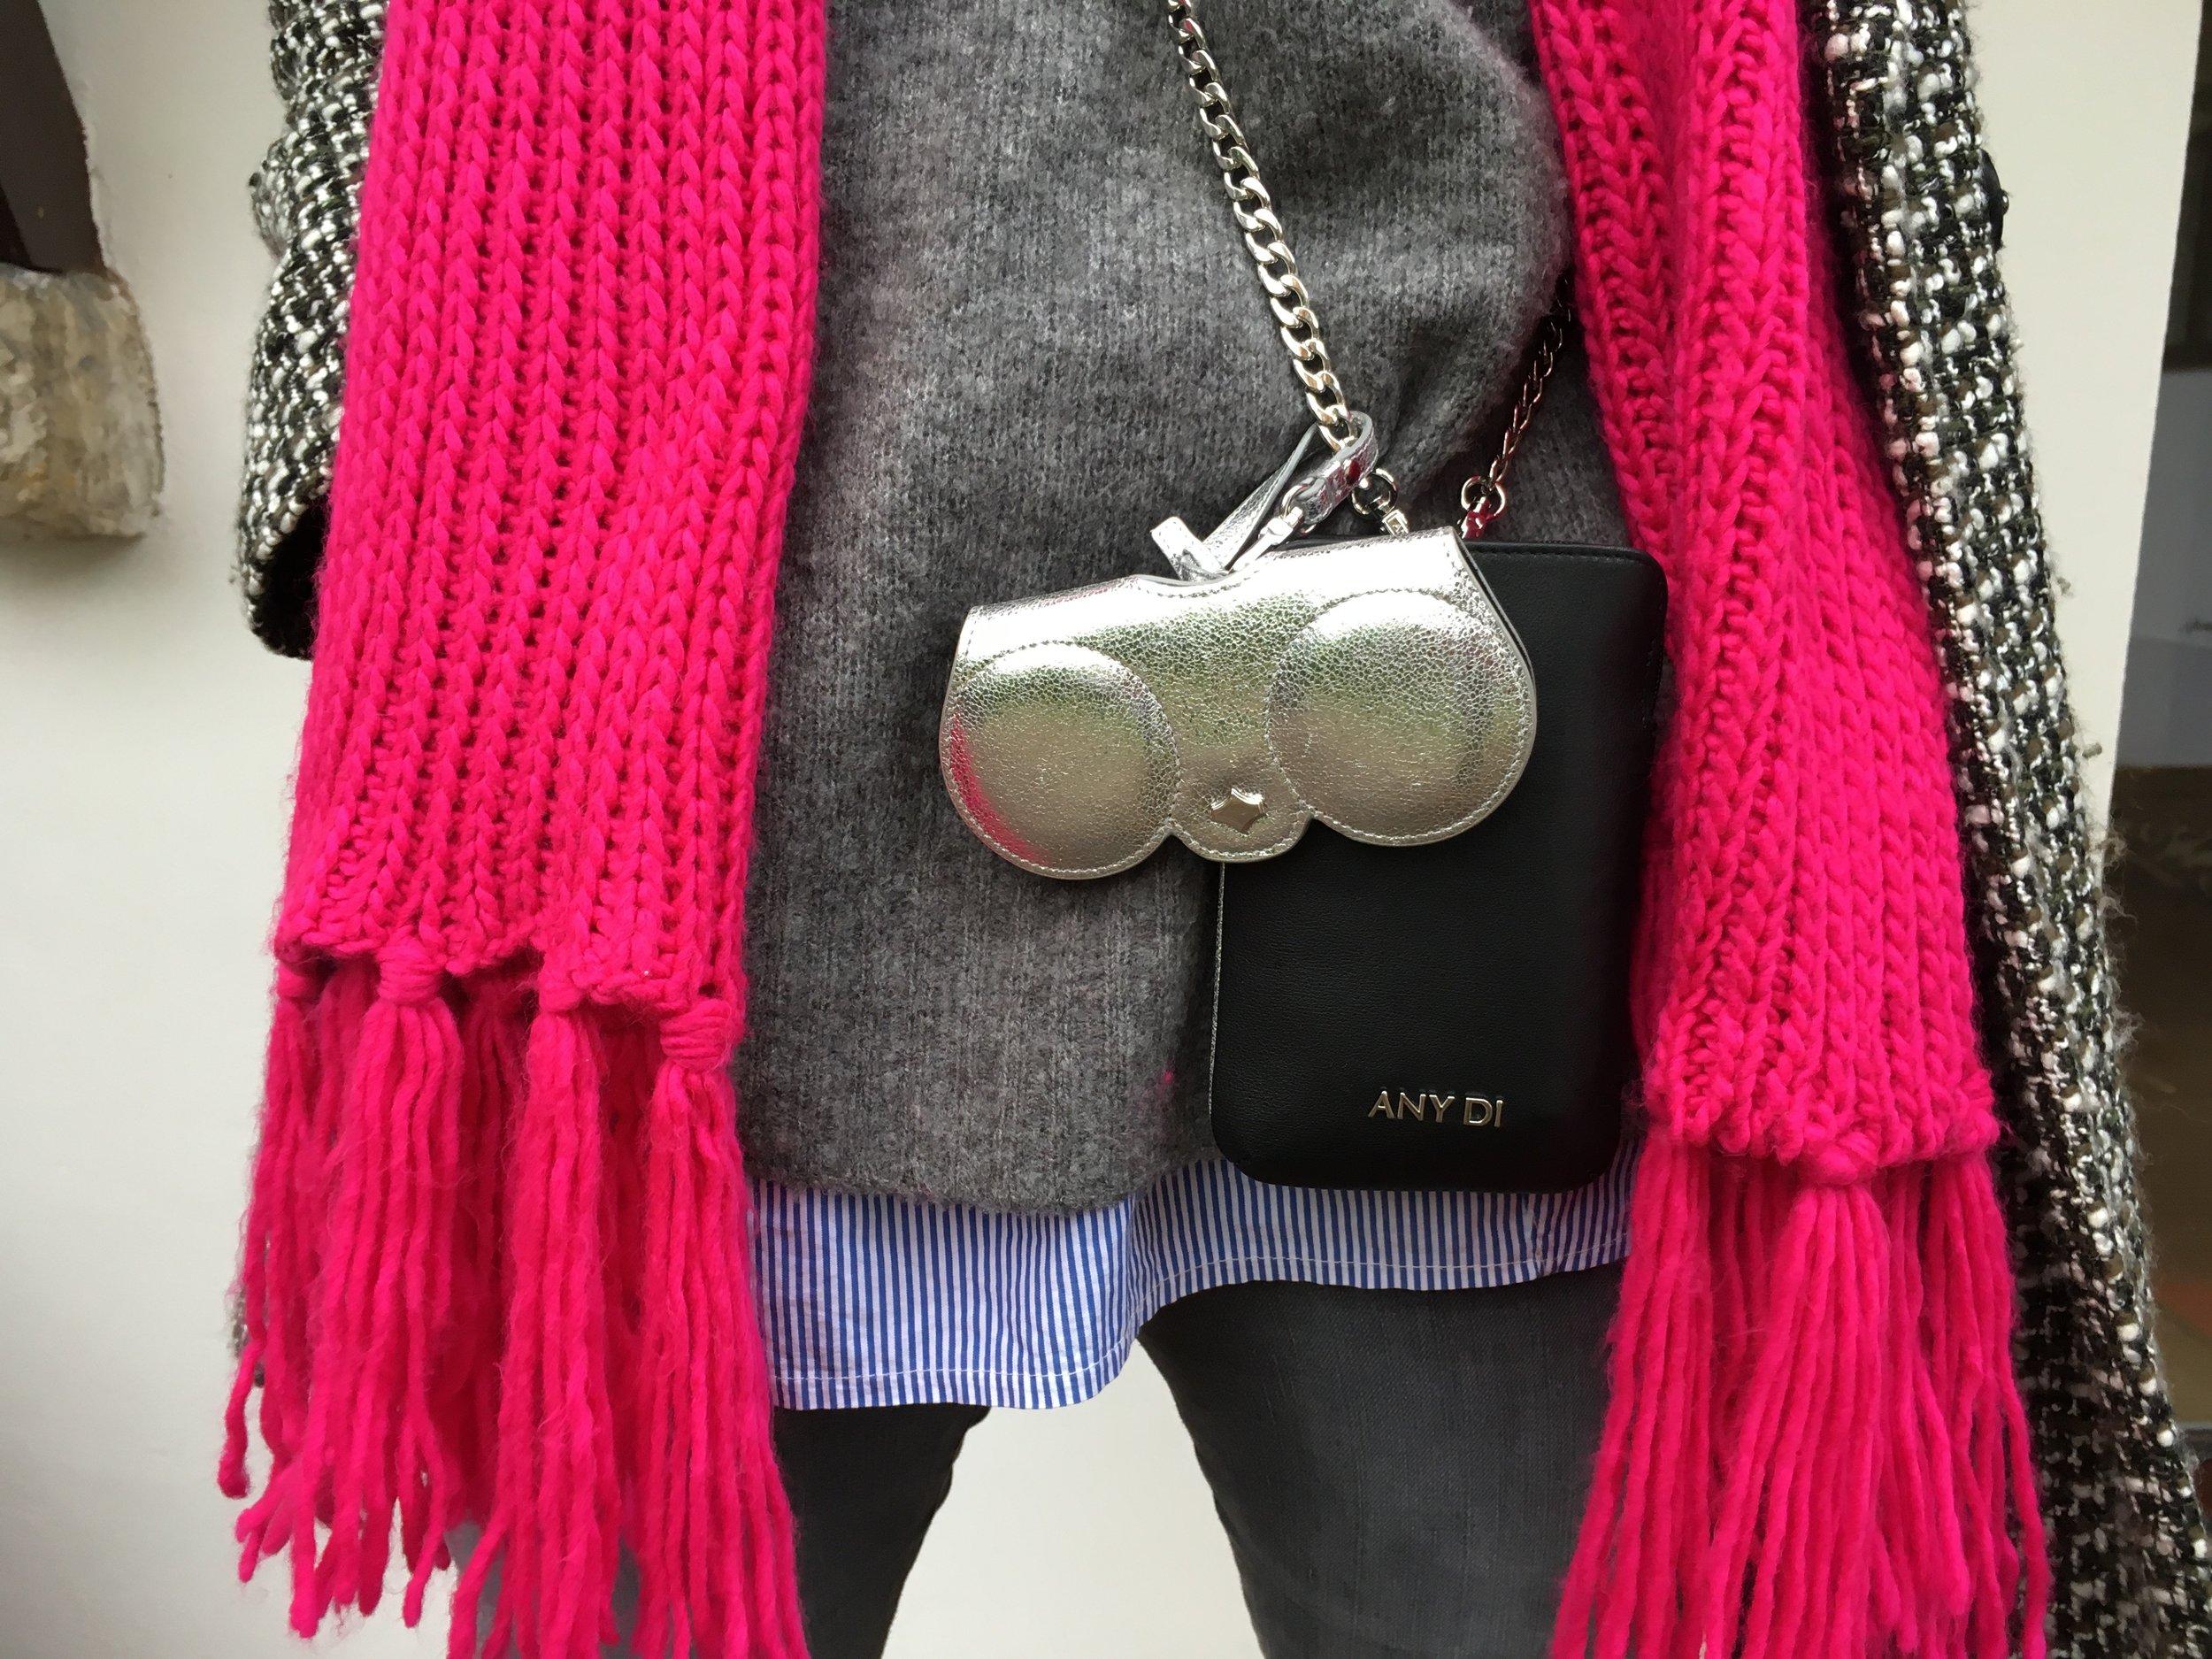 Mode für Frauen über 50 Any Di Taschen